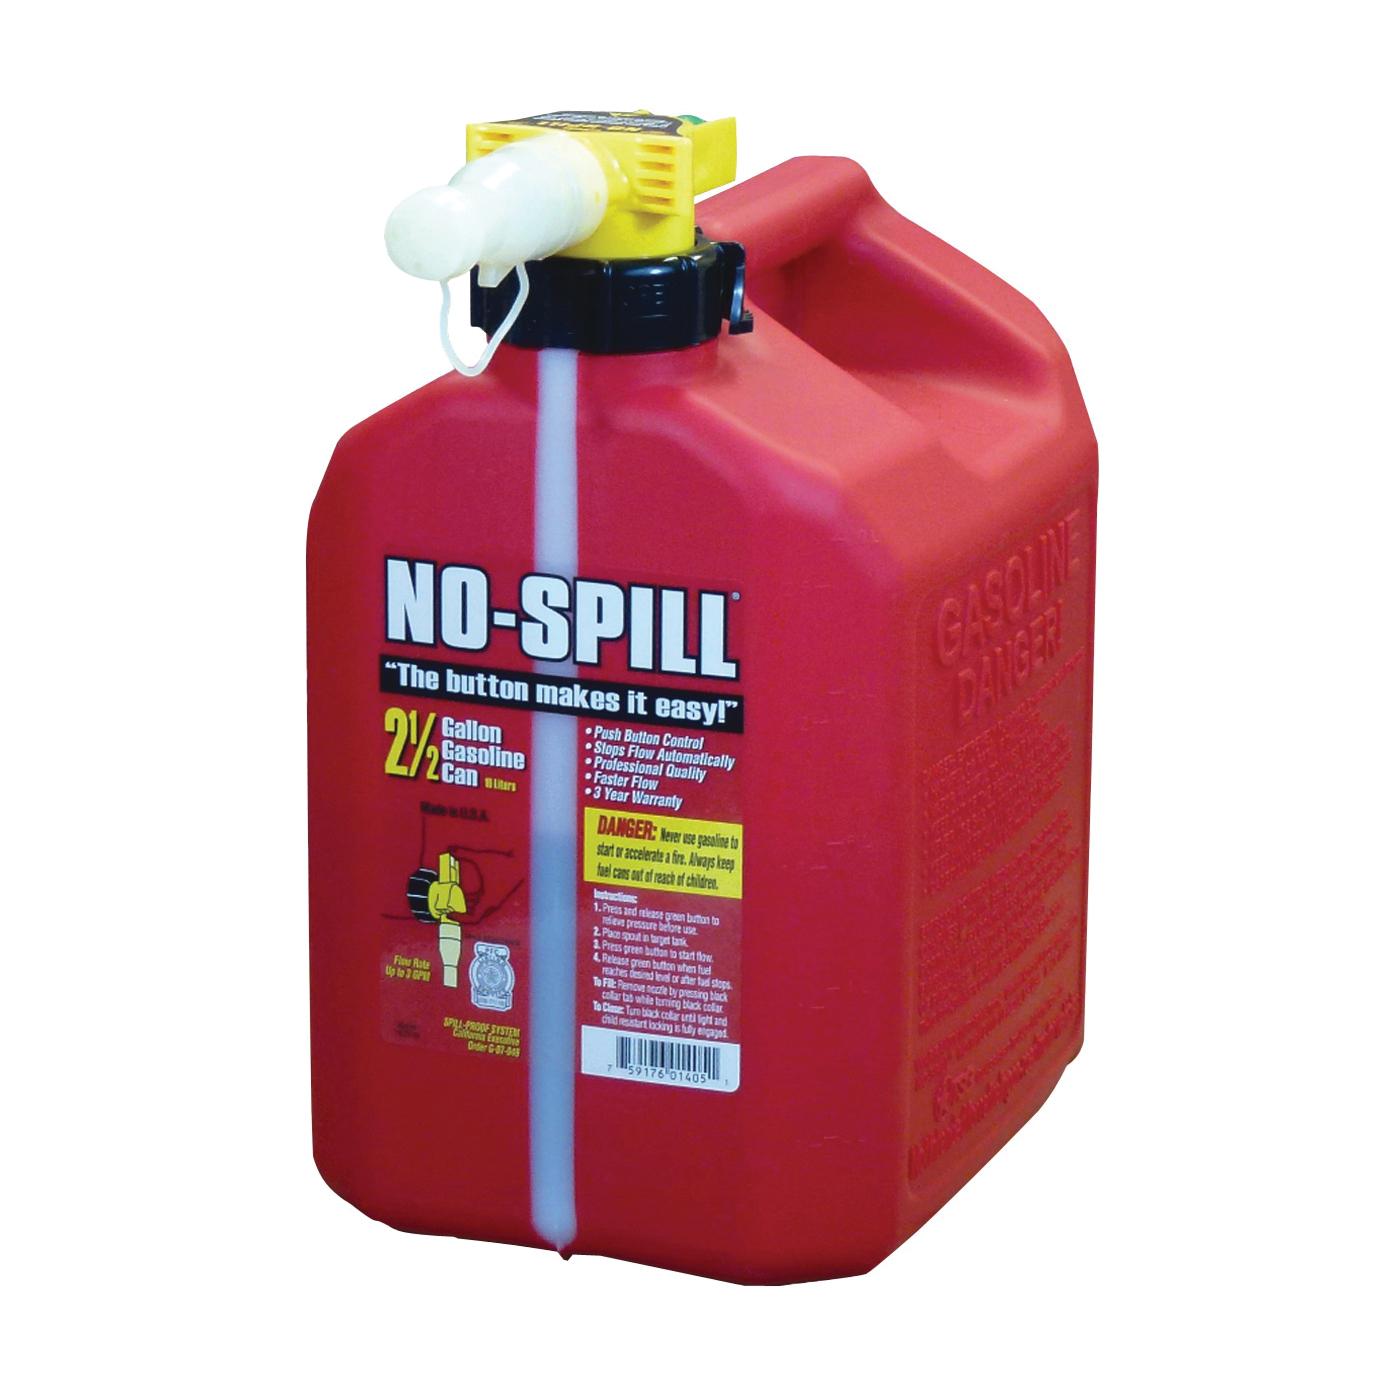 No-Spill 1405